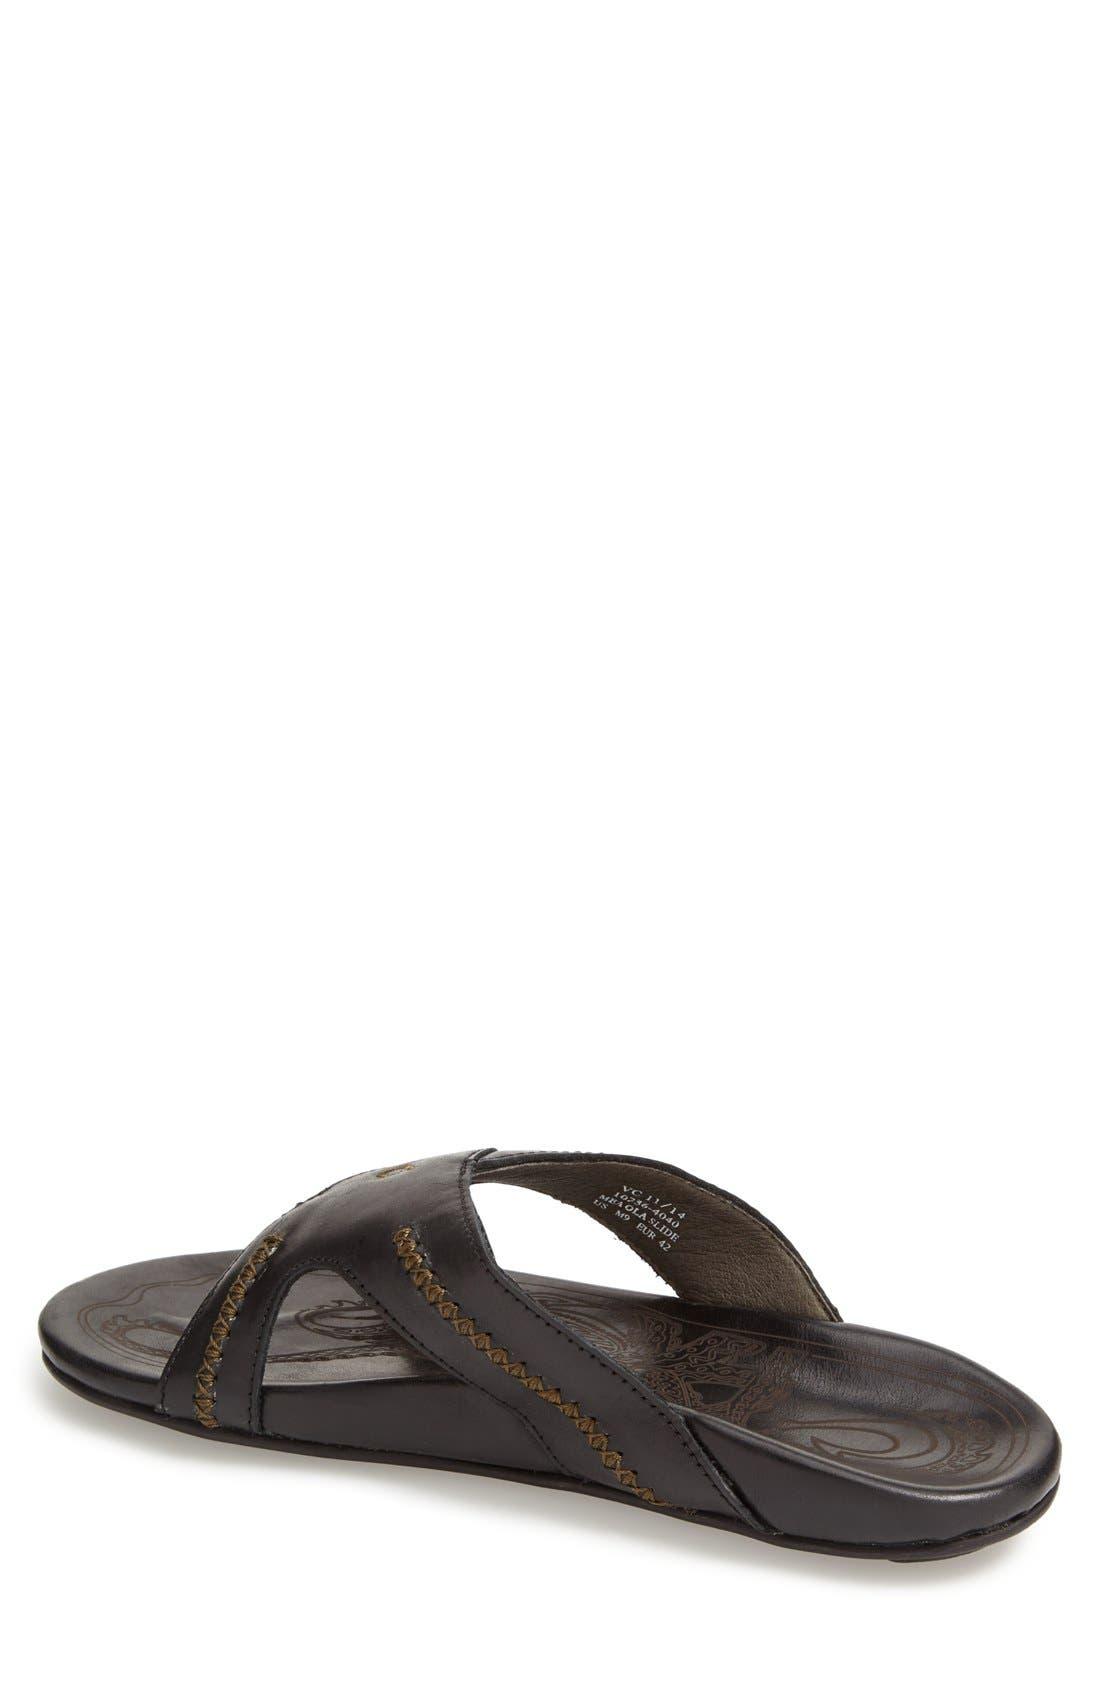 Alternate Image 2  - OluKai 'Mea Ola' Slide Sandal (Men)